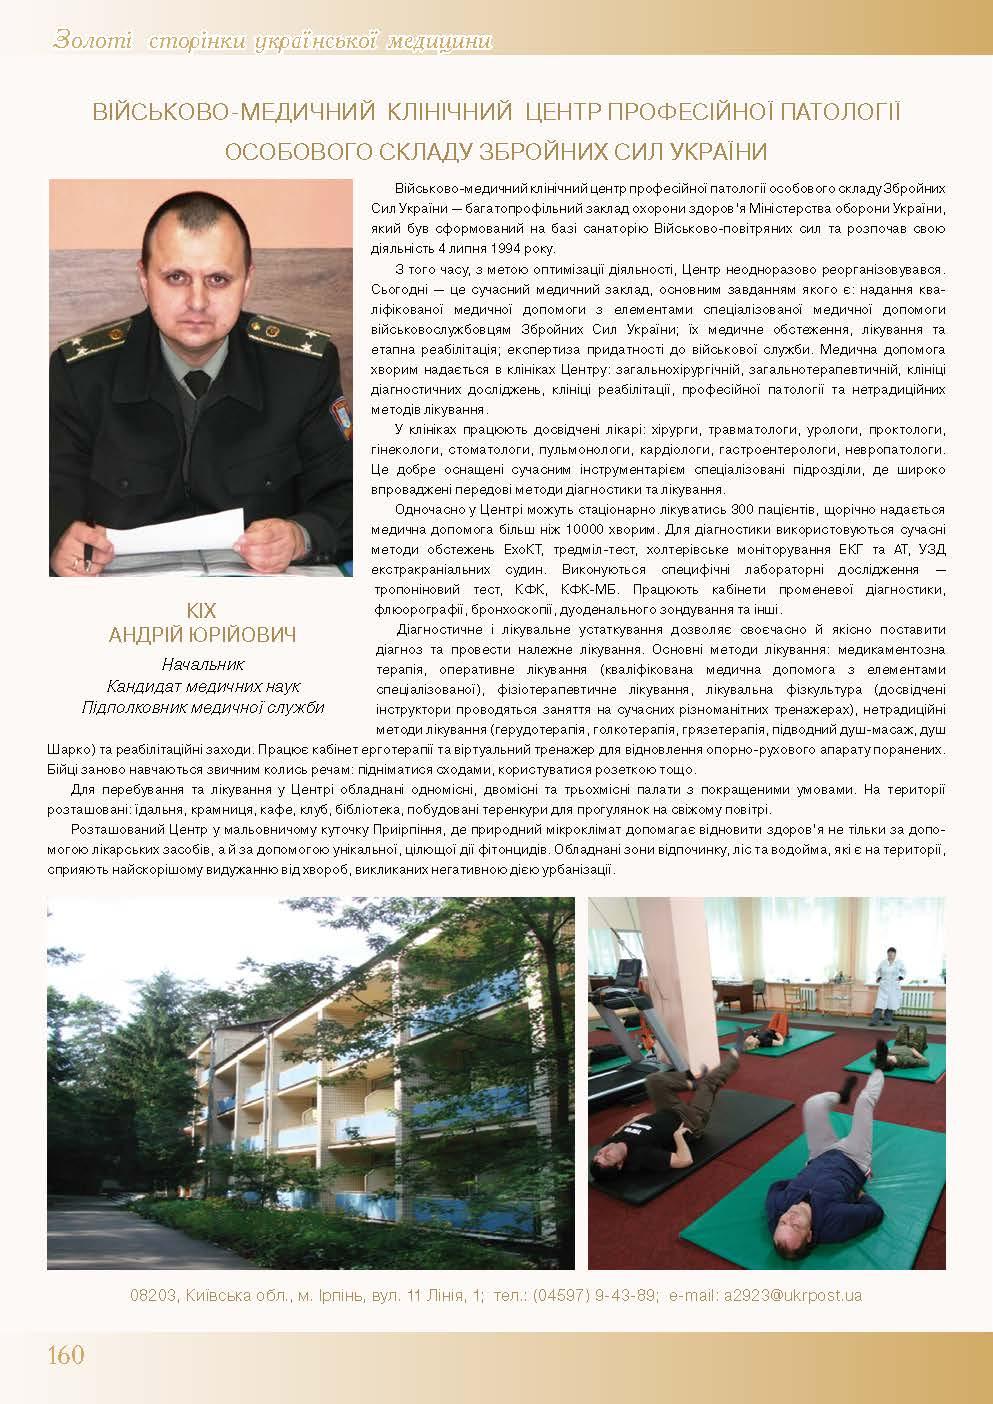 Військово-медичний клінічний центр професійної патології особового складу Збройних Сил України